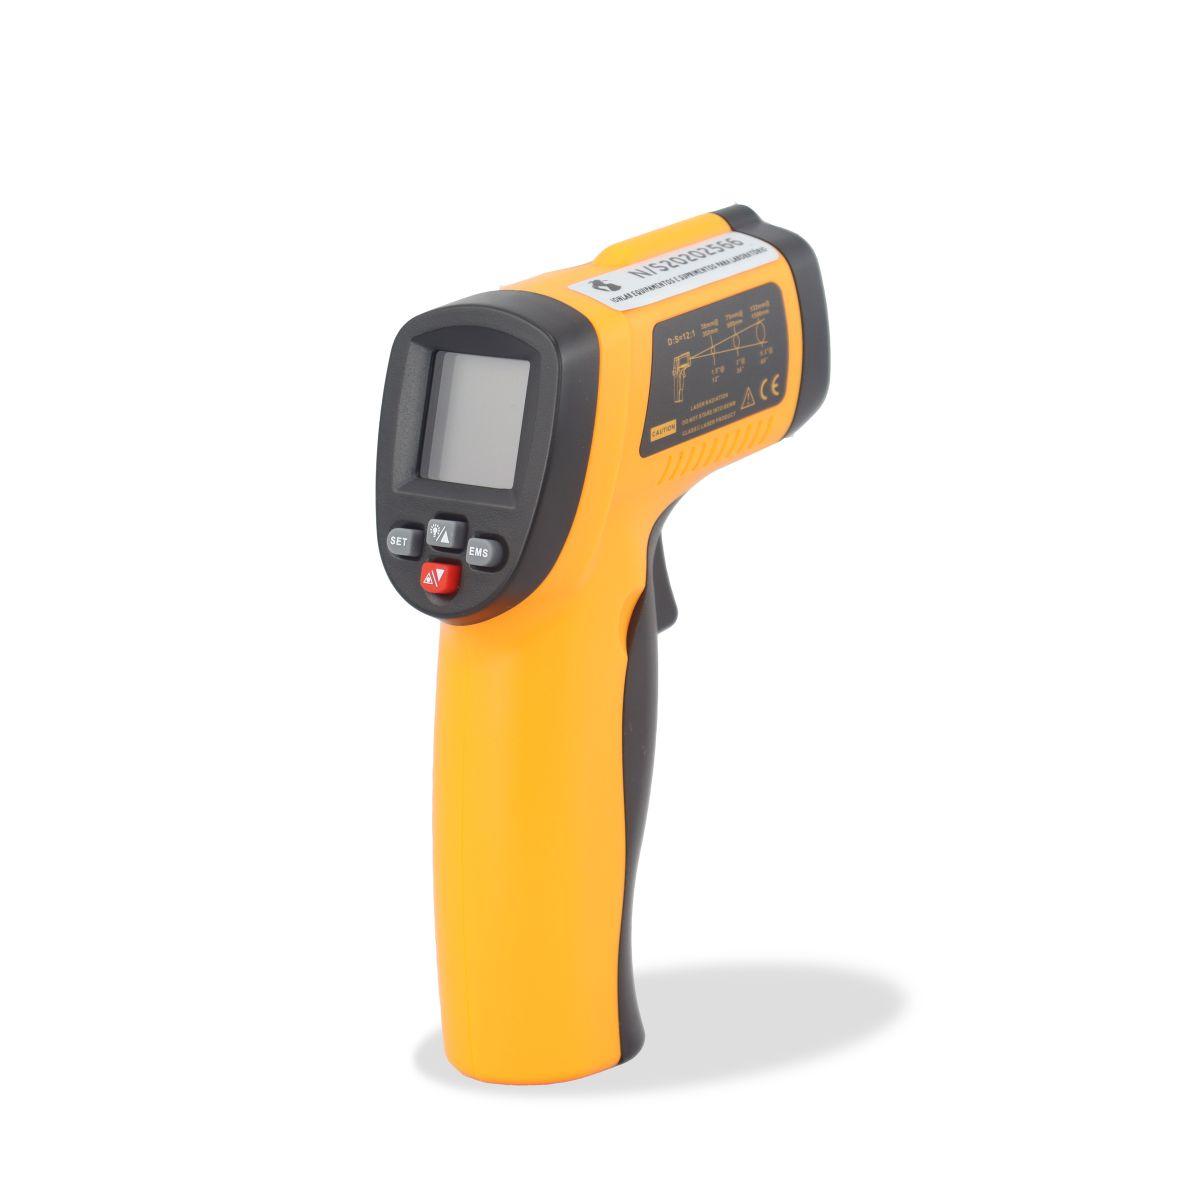 Termômetro Infravermelho Faixa de Temperatura -50 a 550°C